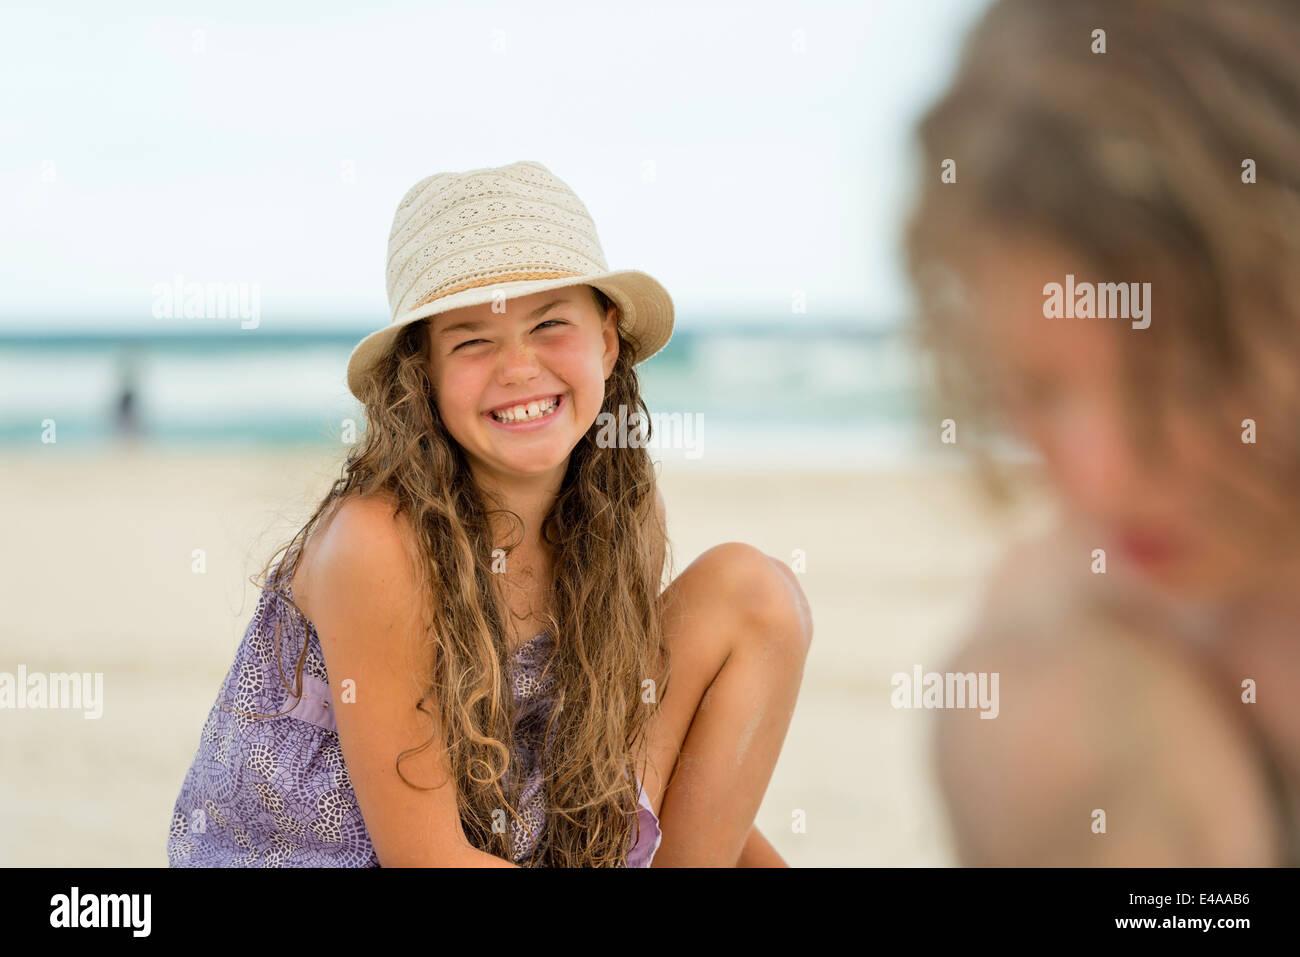 Australia, Nuovo Galles del Sud, Pottsville, un ragazzo e una ragazza a giocare nella sabbia sulla spiaggia Immagini Stock